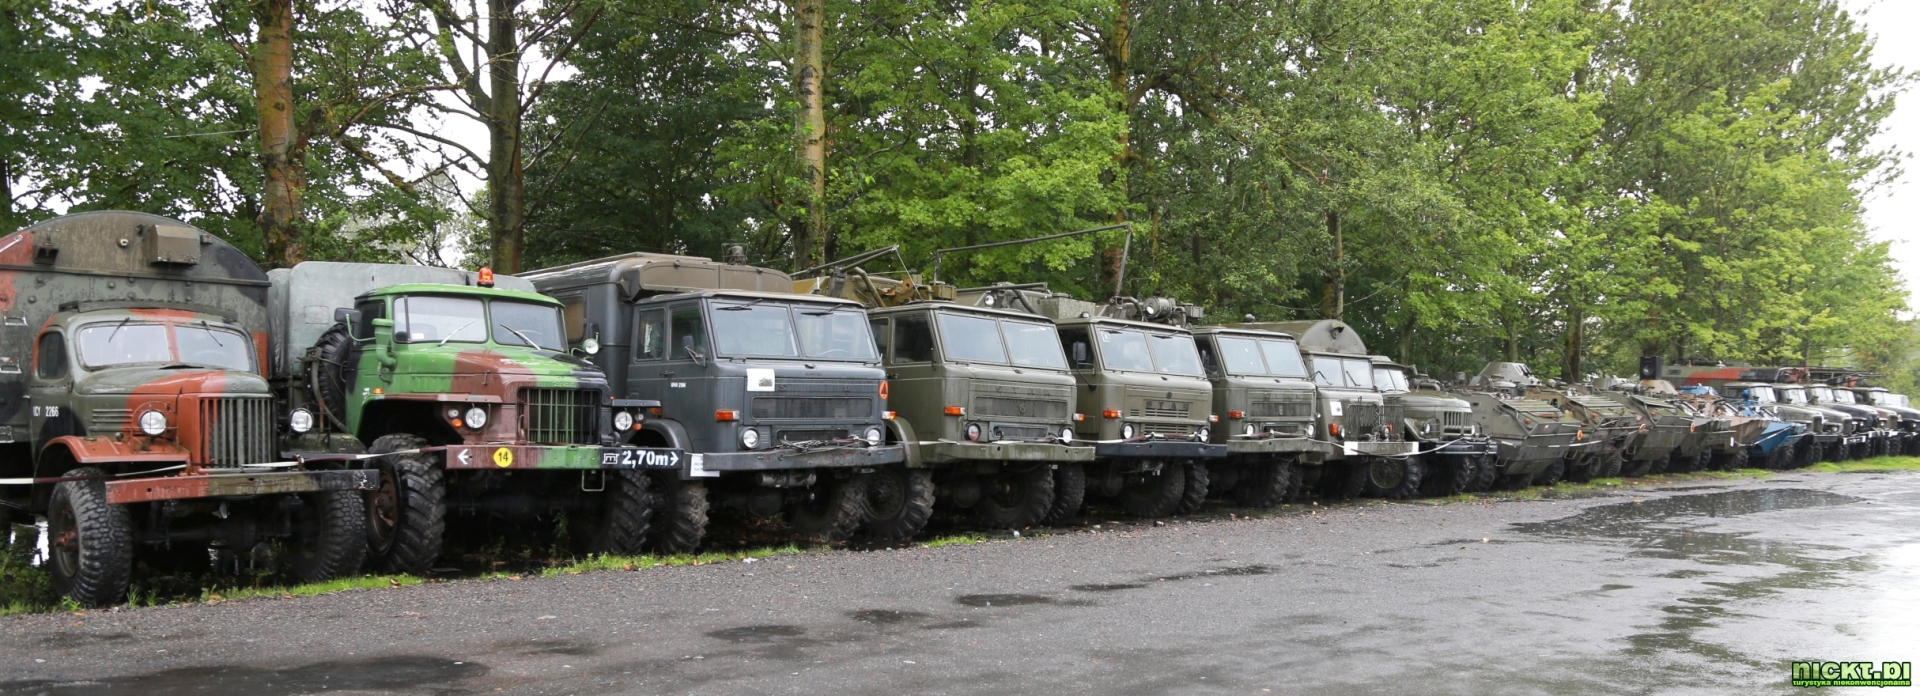 nickt_pl kolobrzeg bastion market militarny wojskowy 003